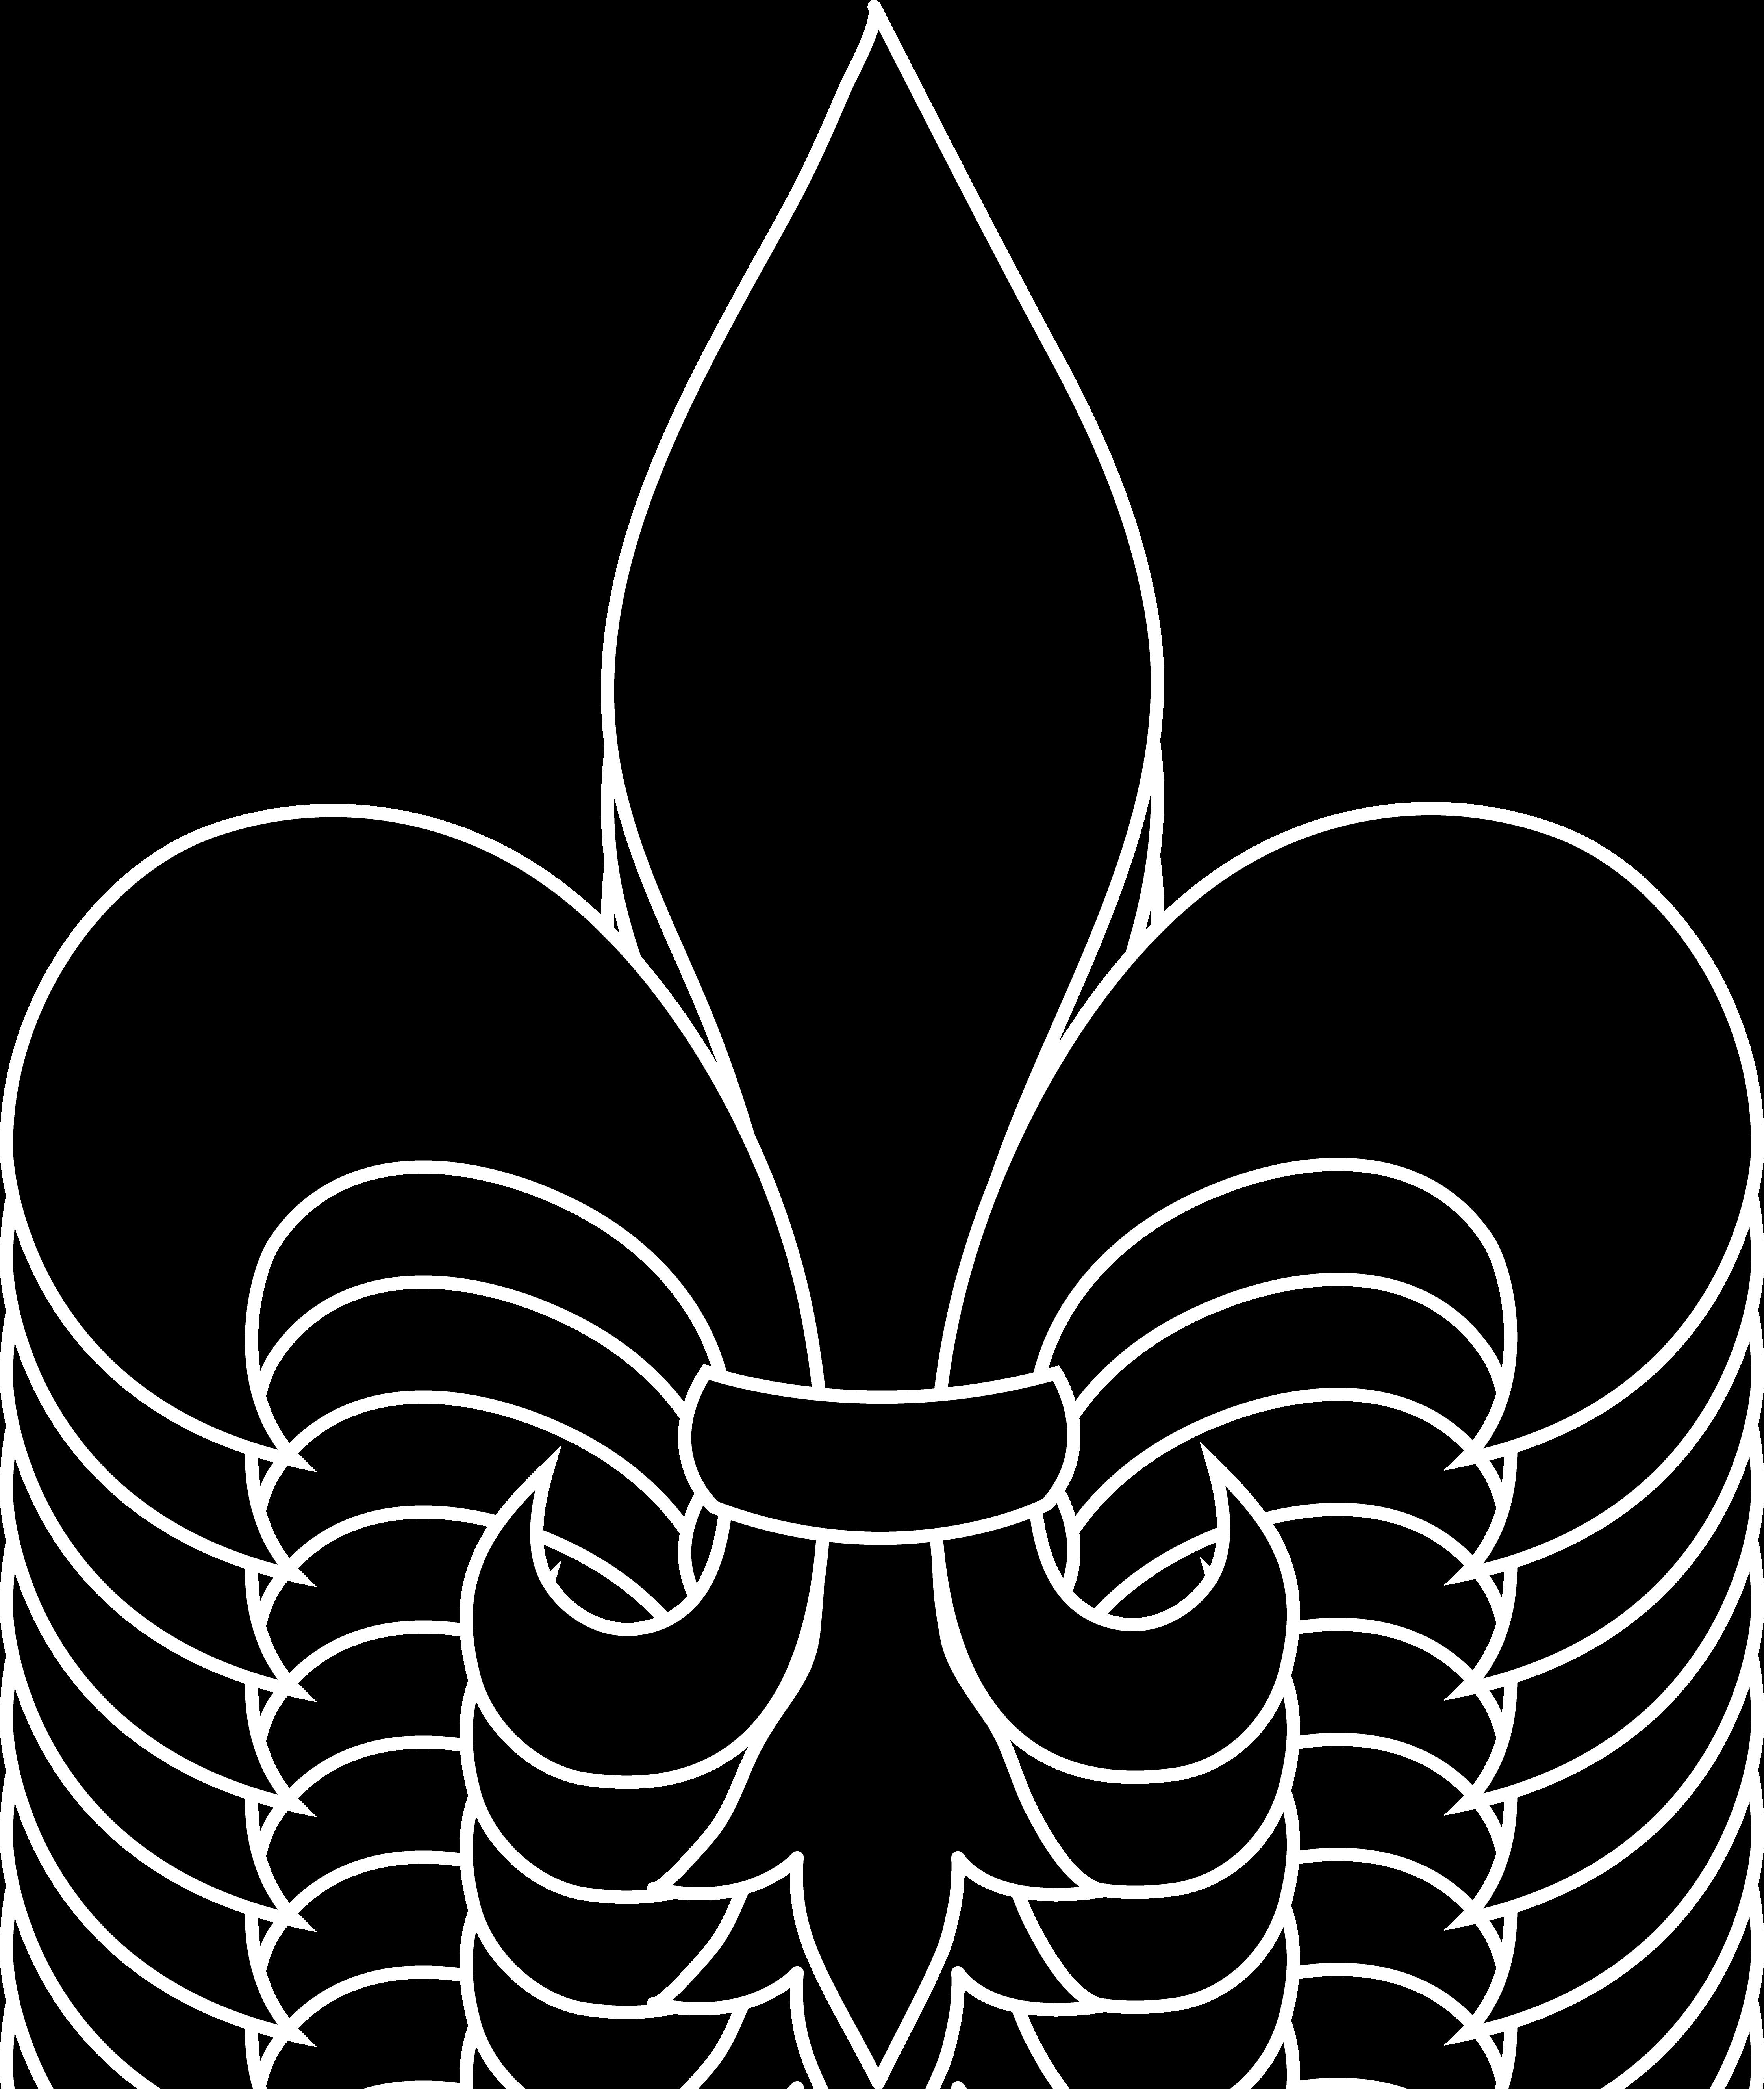 Frrench free clip art black fleur de lis silhouette for for Flur design